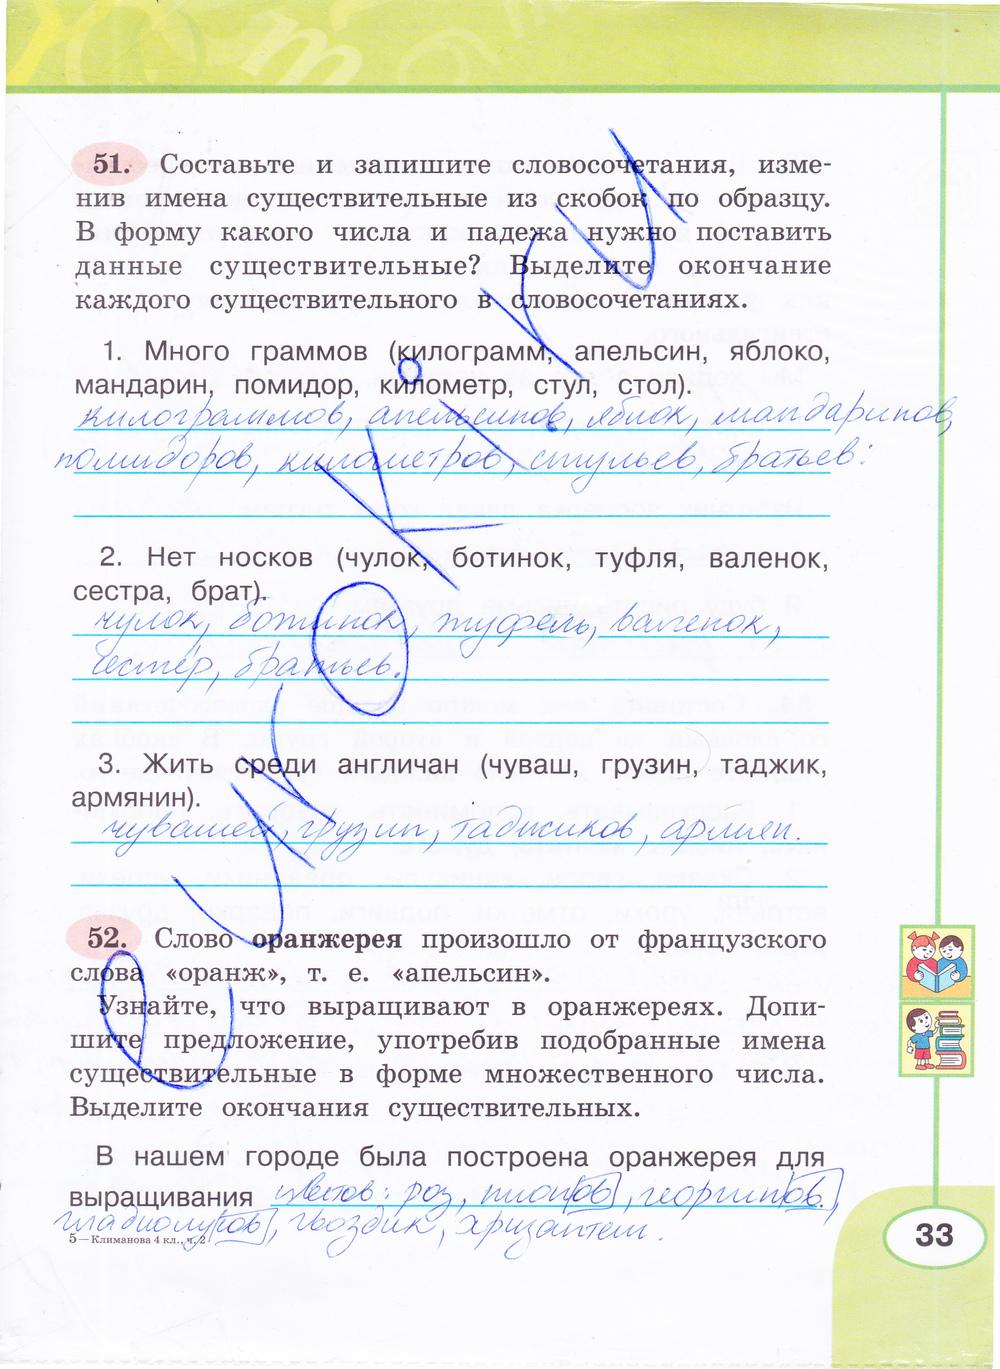 гдз русский язык 2 класс рабочая тетрадь 2 часть ответы бабушкина